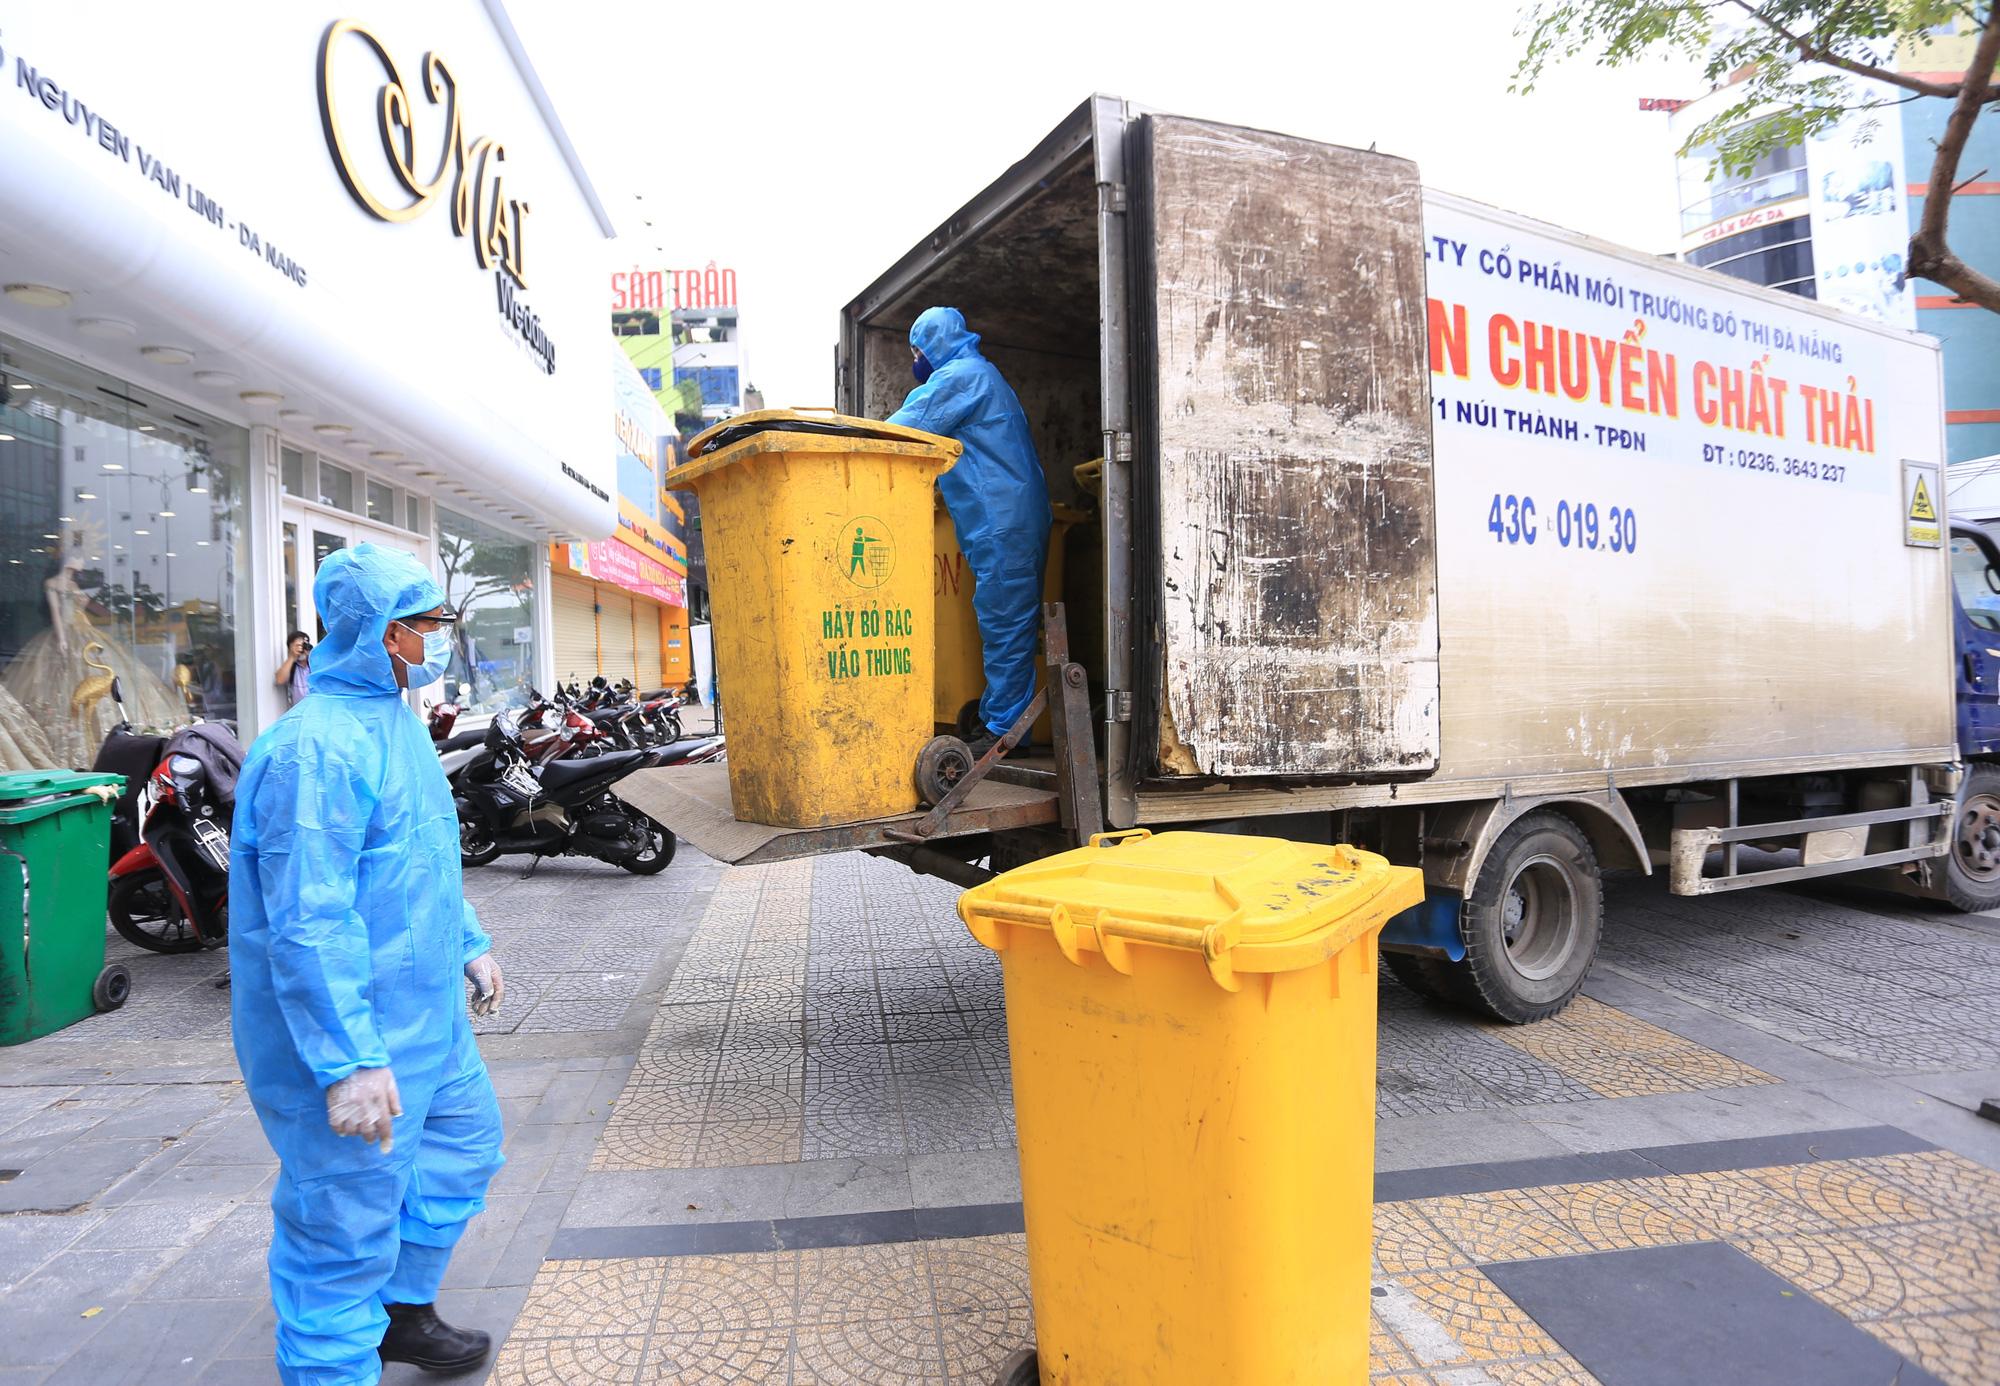 Du khách nước ngoài vui mừng rời khu cách ly ở Đà Nẵng: Cảm ơn các bạn và chúng tôi sẽ quay lại vào một ngày thuận lợi hơn - Ảnh 14.